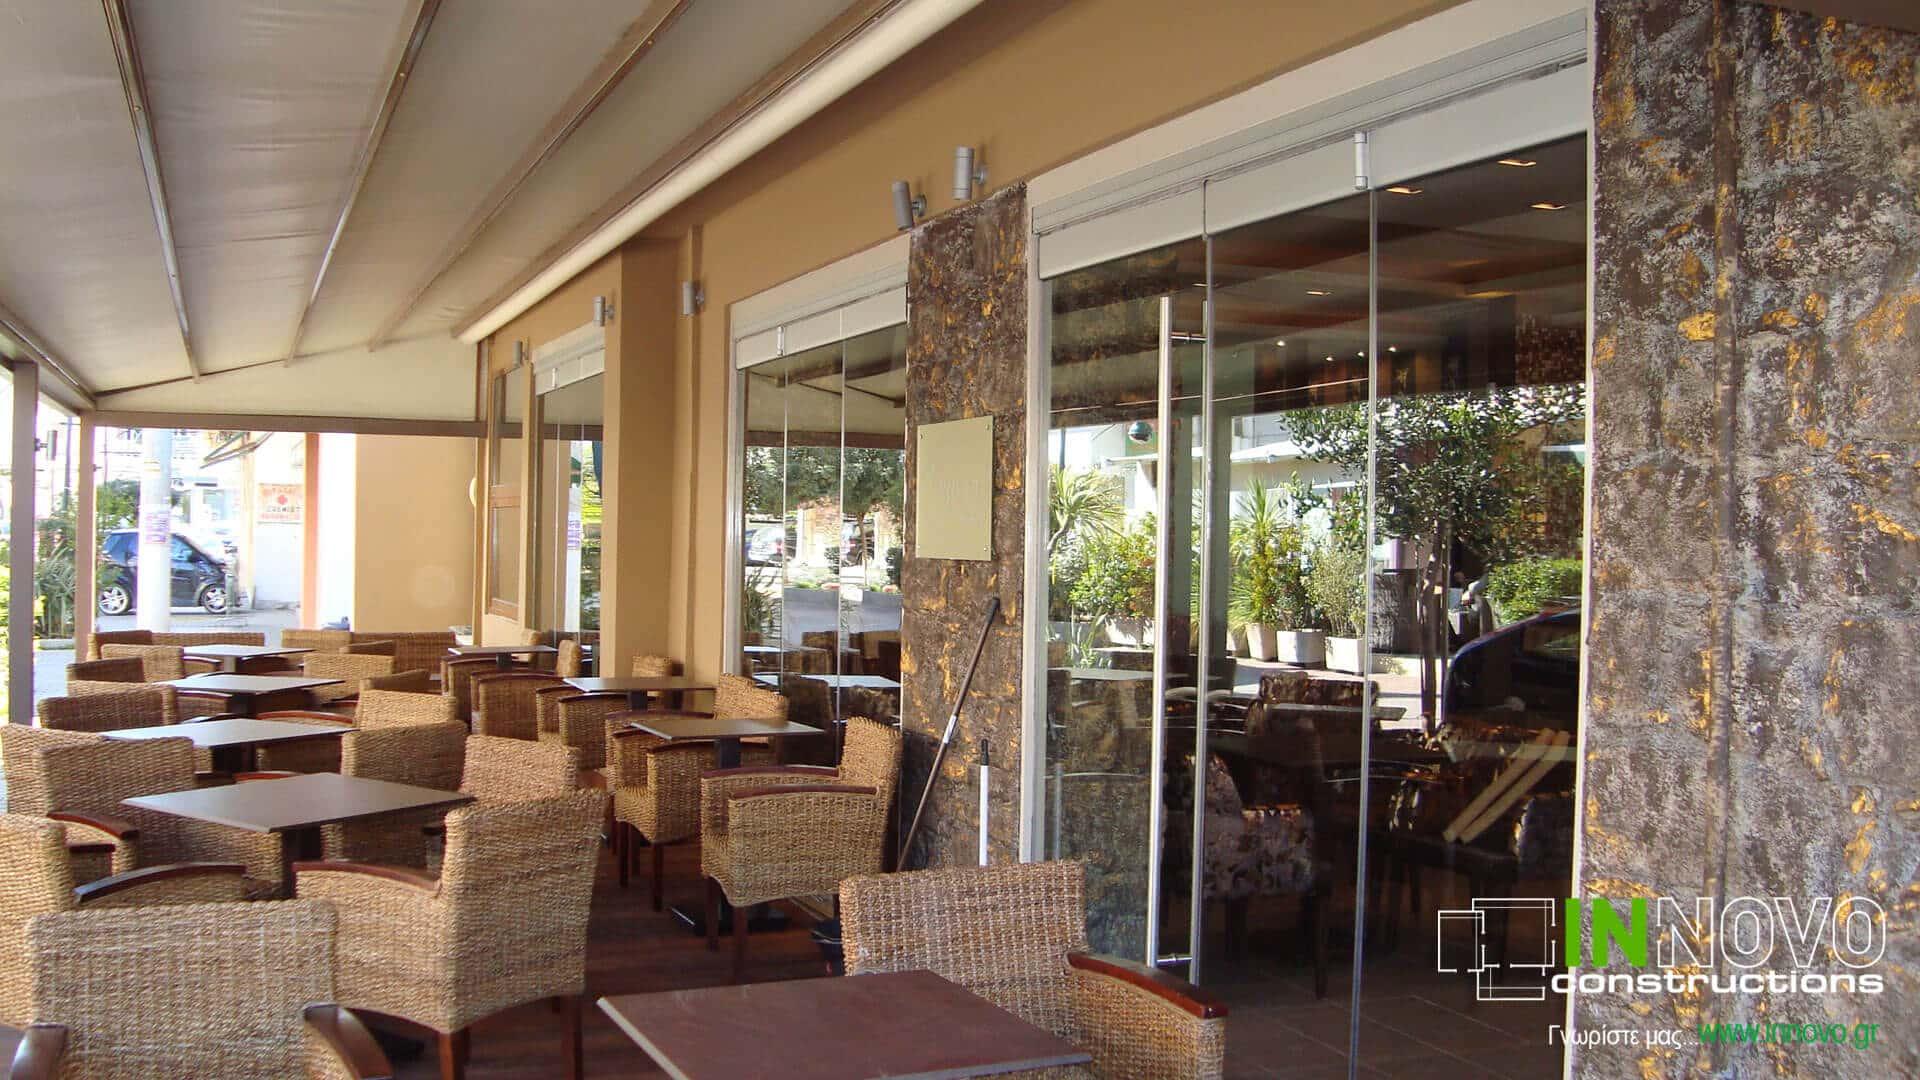 Κατασκευή καφέ – μπαρ στην Ανάβυσσο